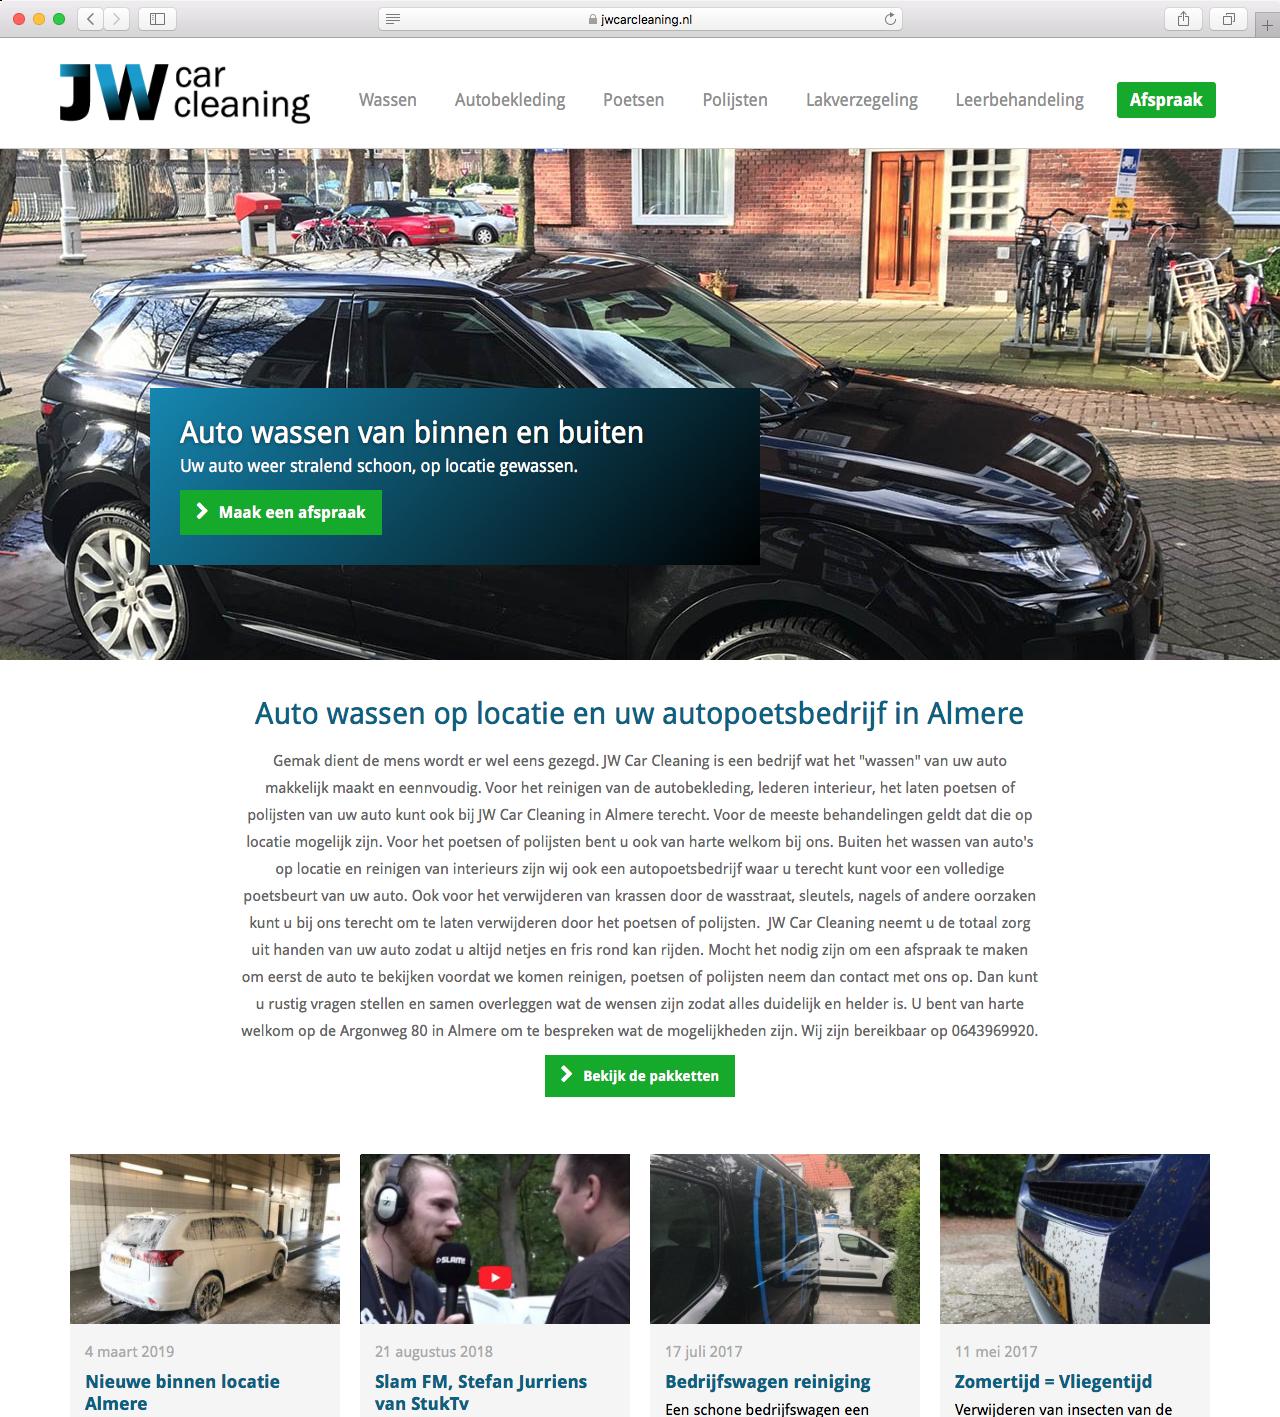 JW Car Cleaning